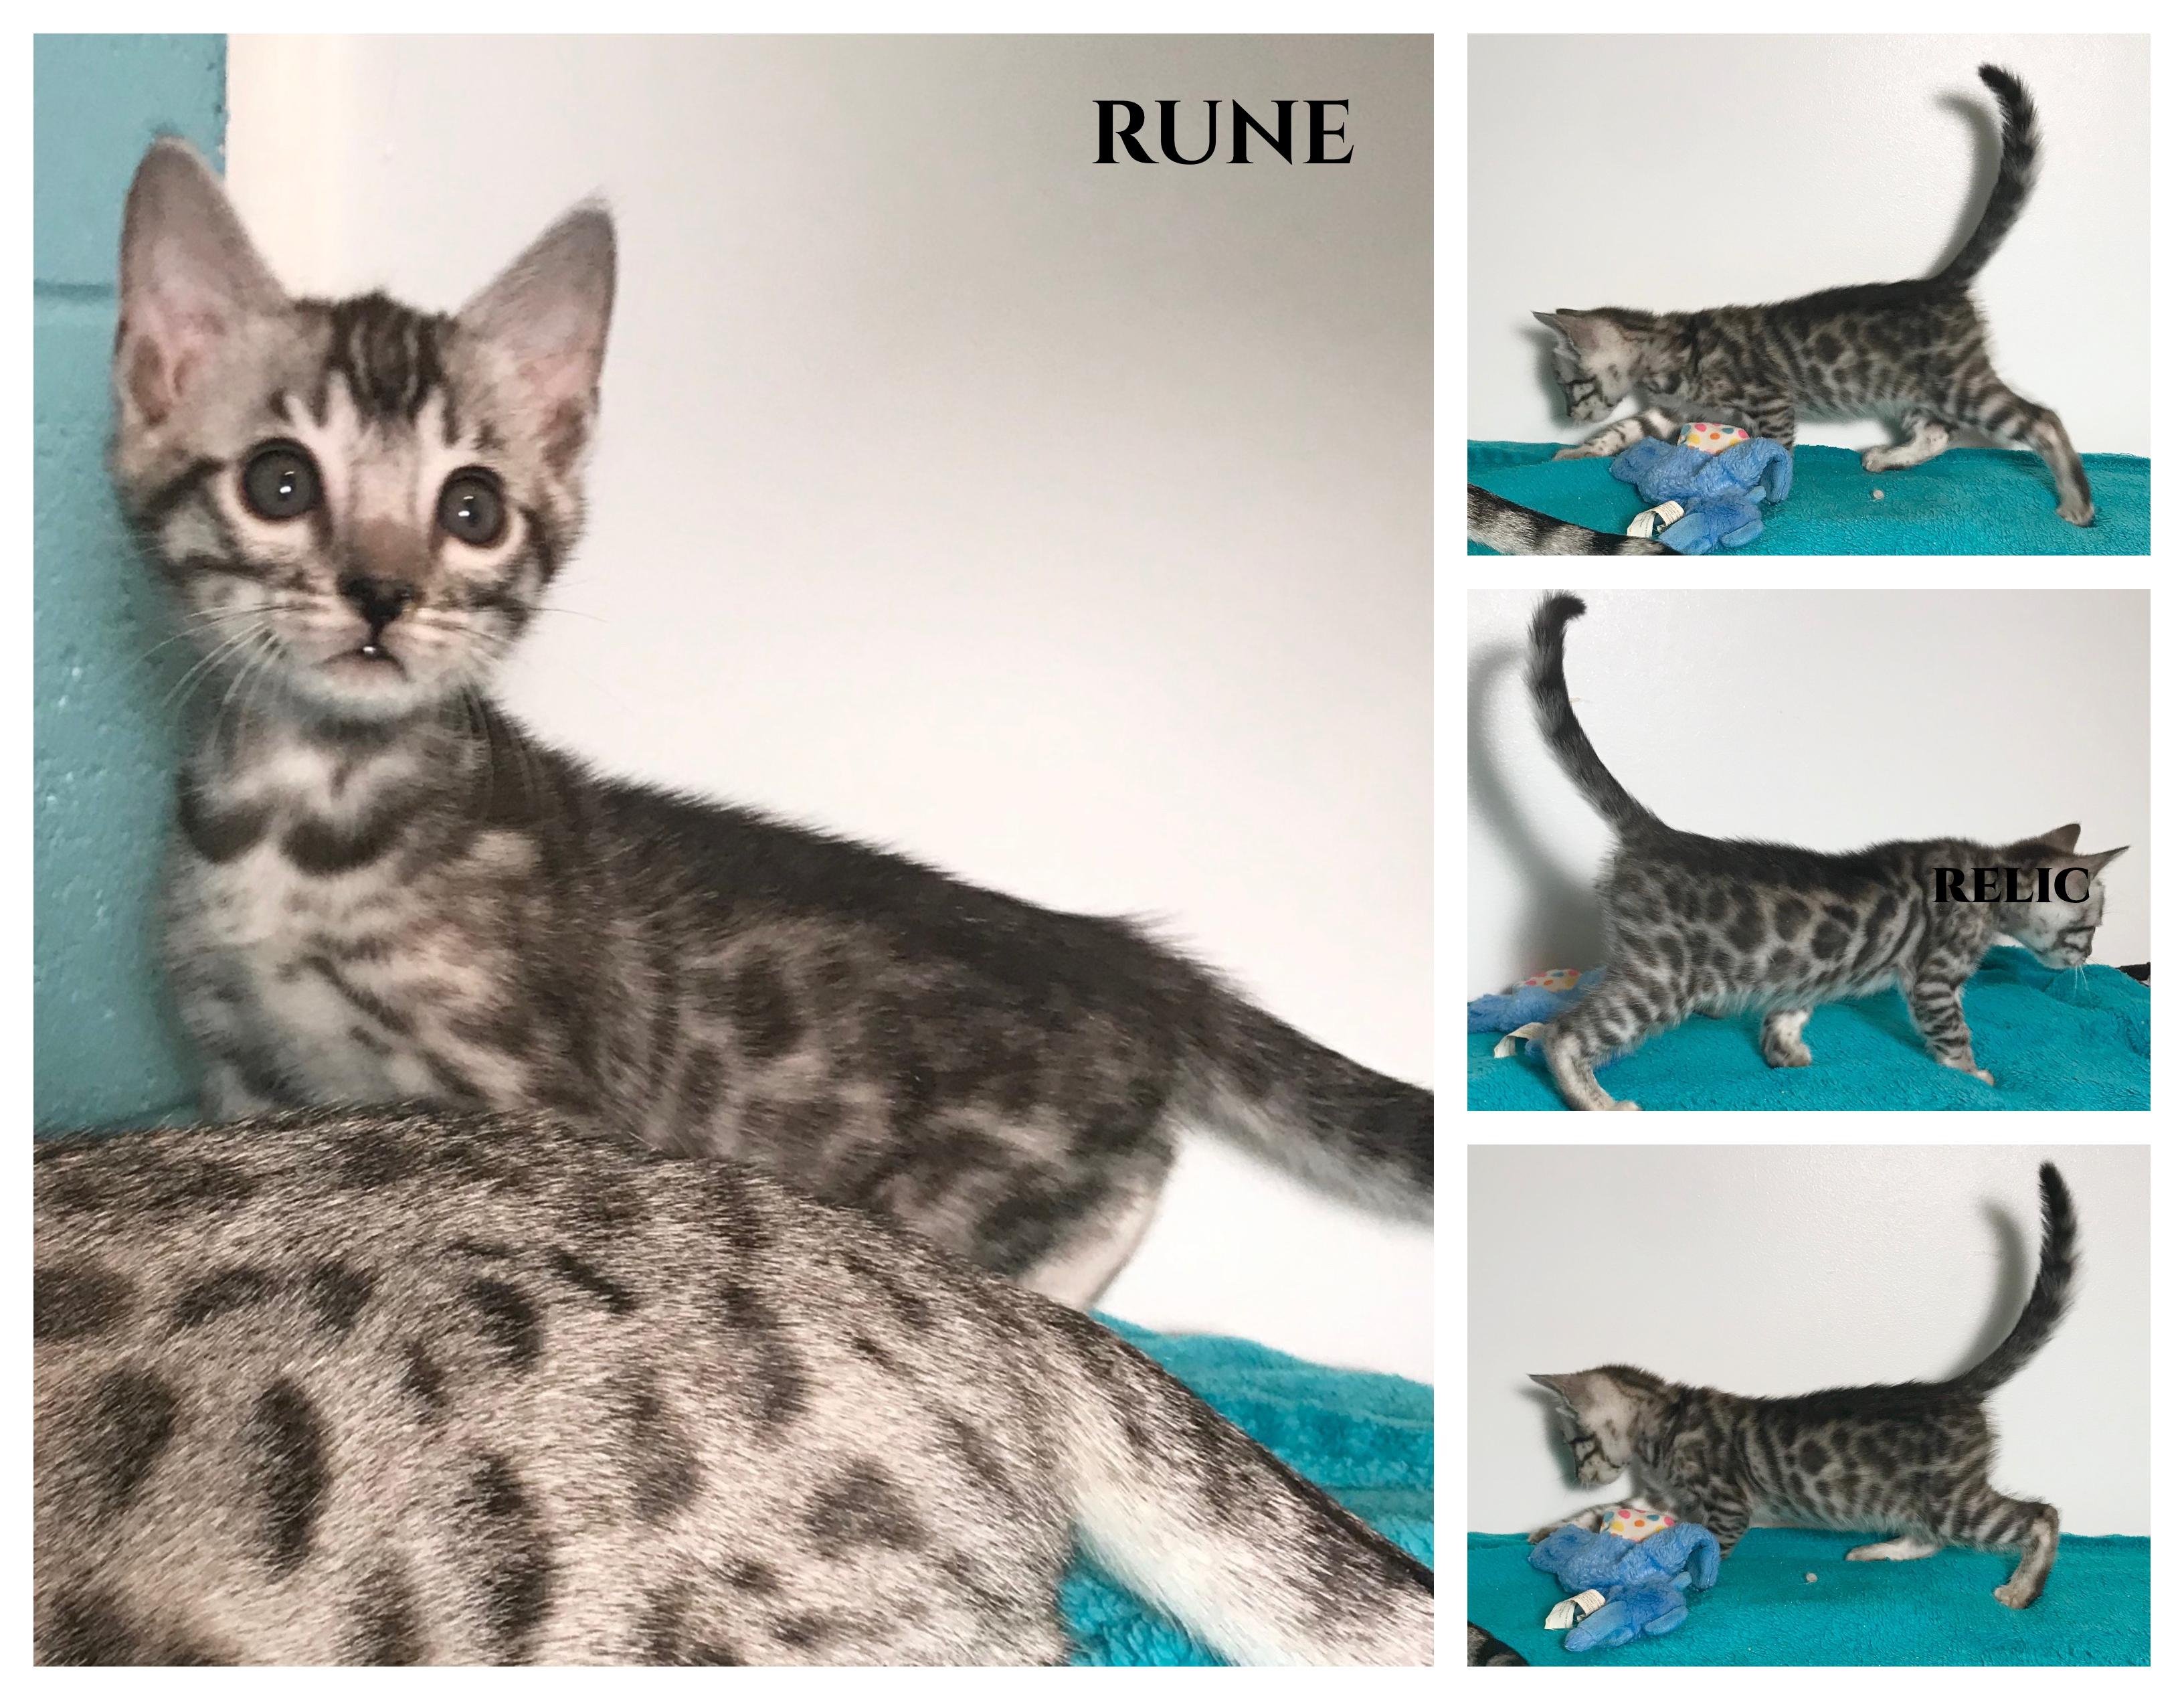 Rune 7 weeks